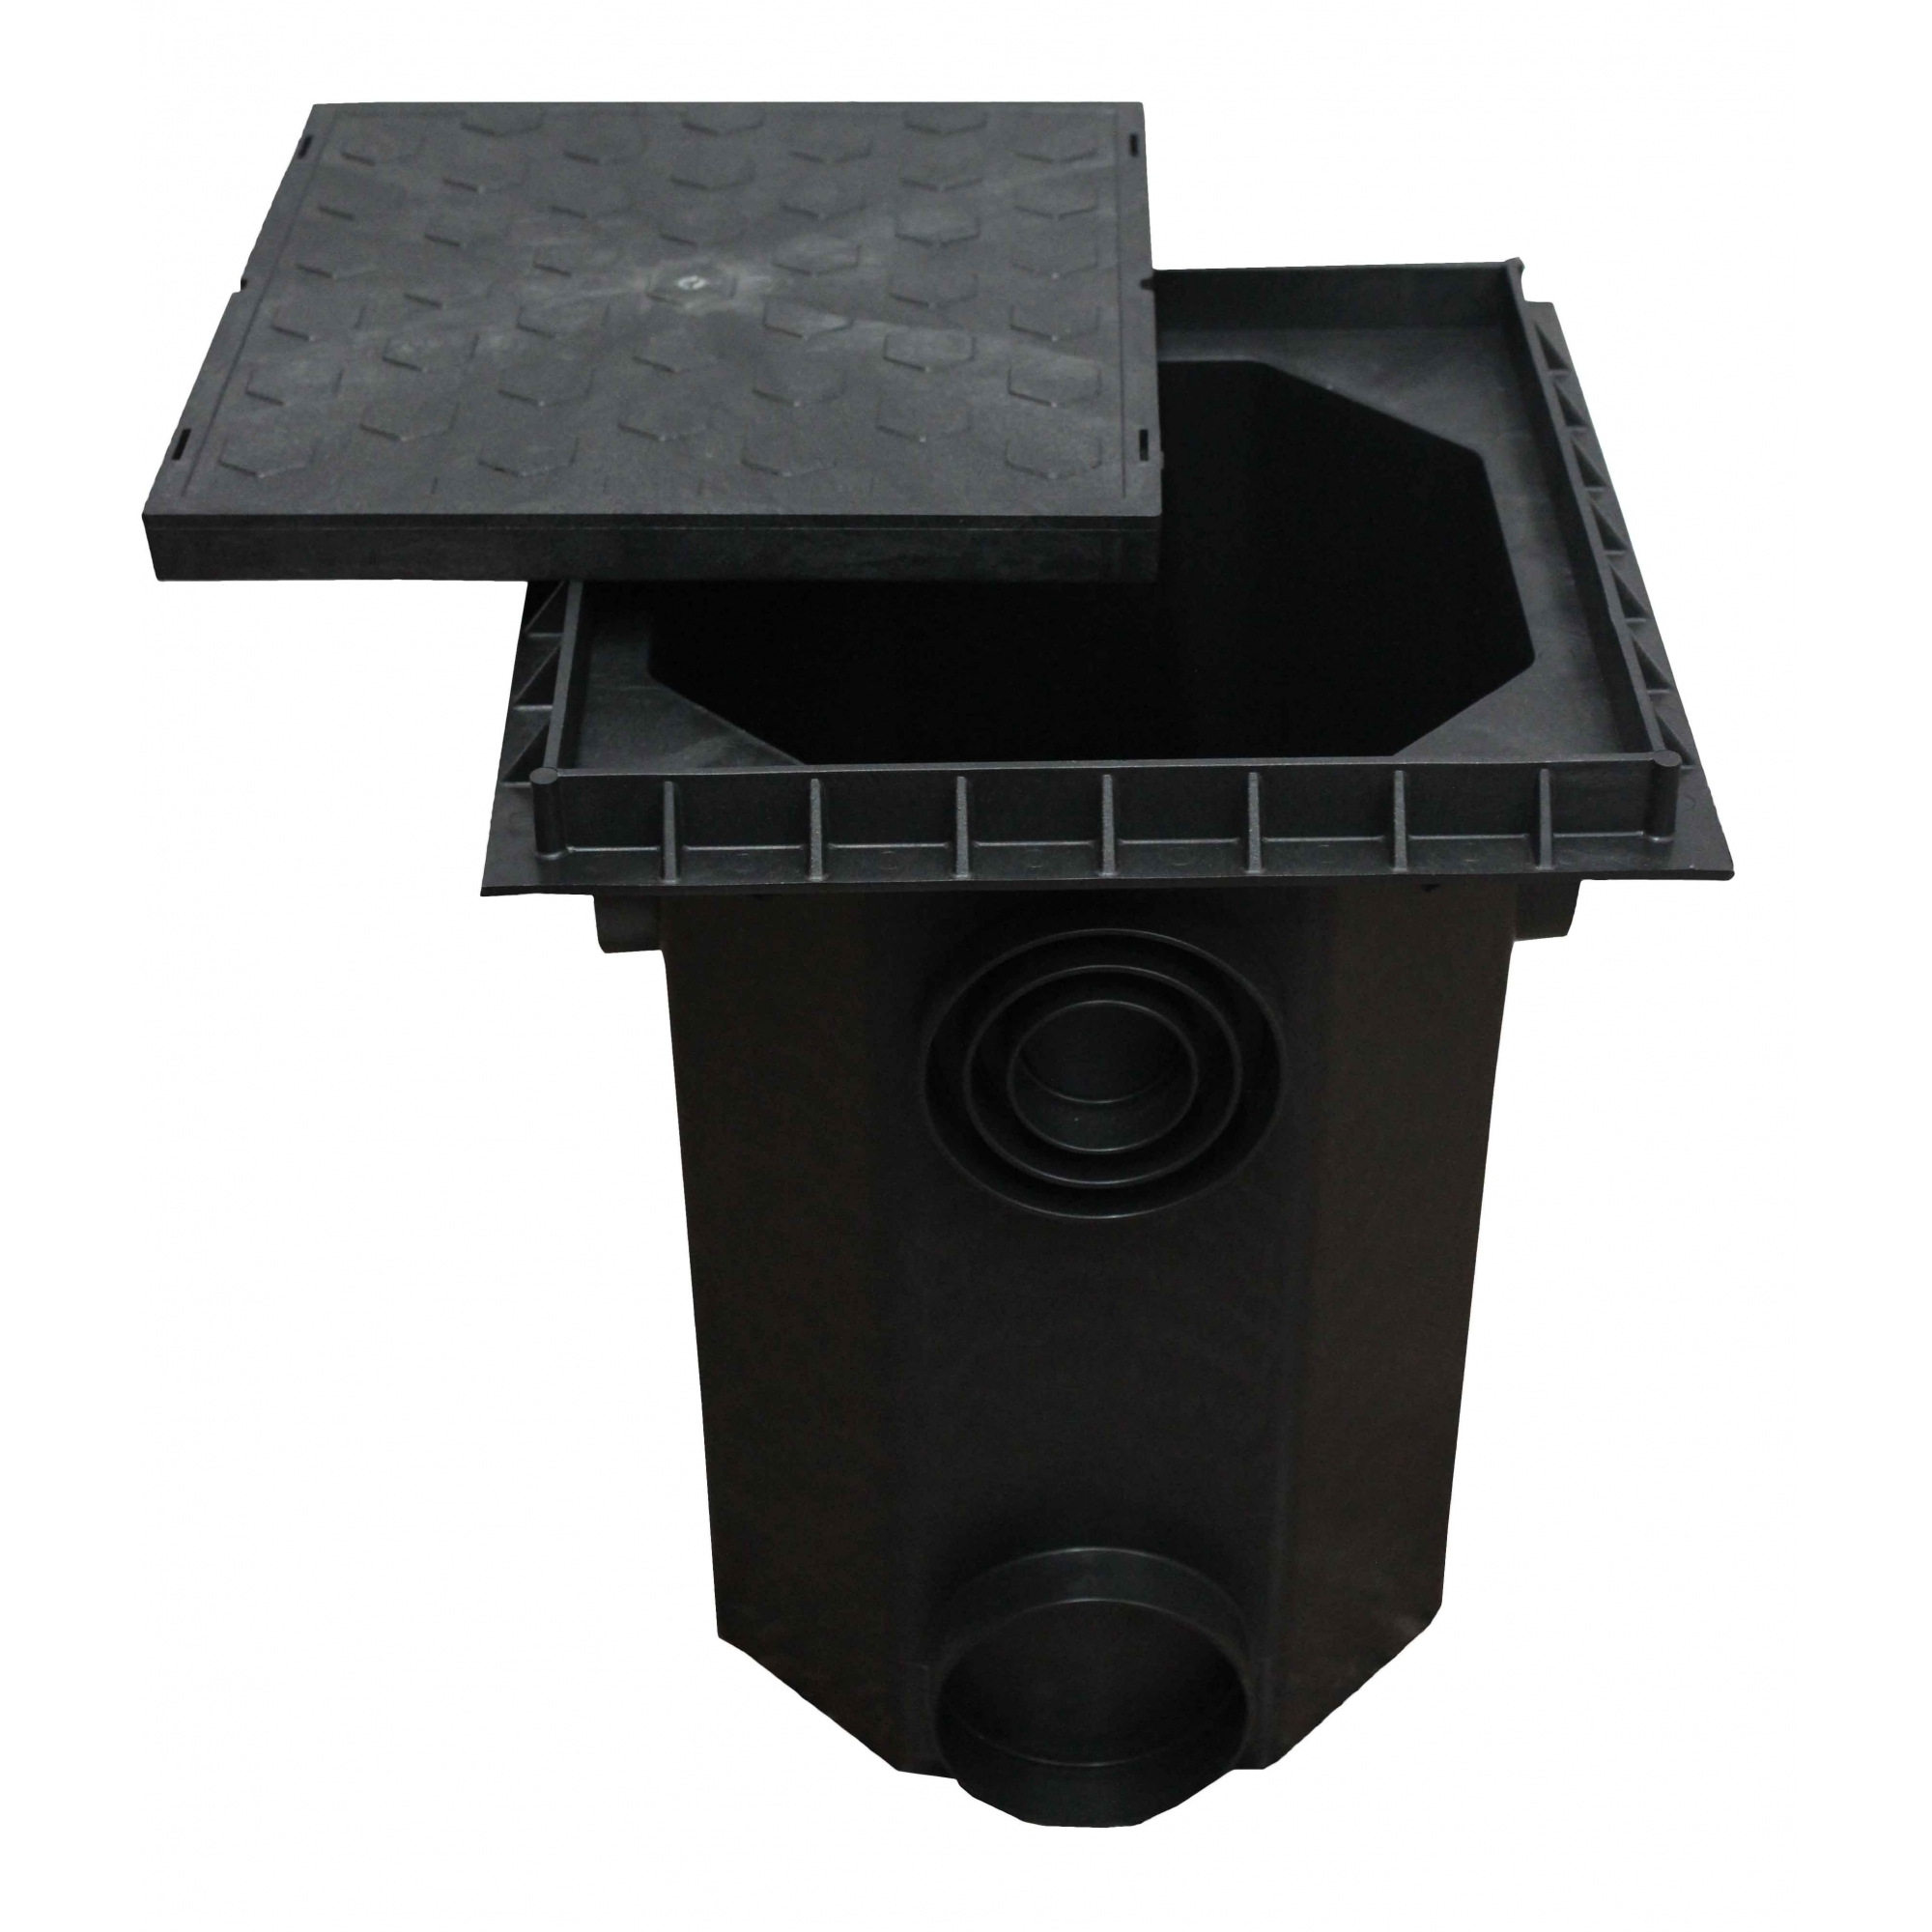 Caixa Múltipla para Inspeção ou Passagem 350 x 350mm Roma